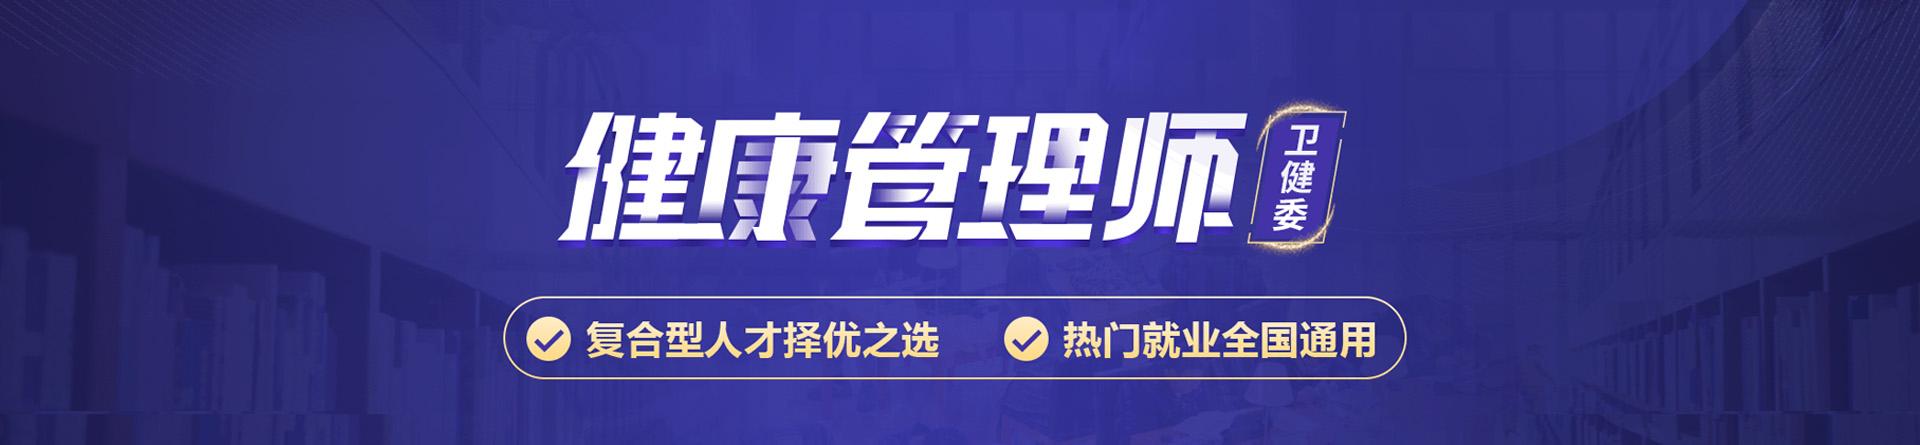 黑龙江哈尔滨学天教育培训